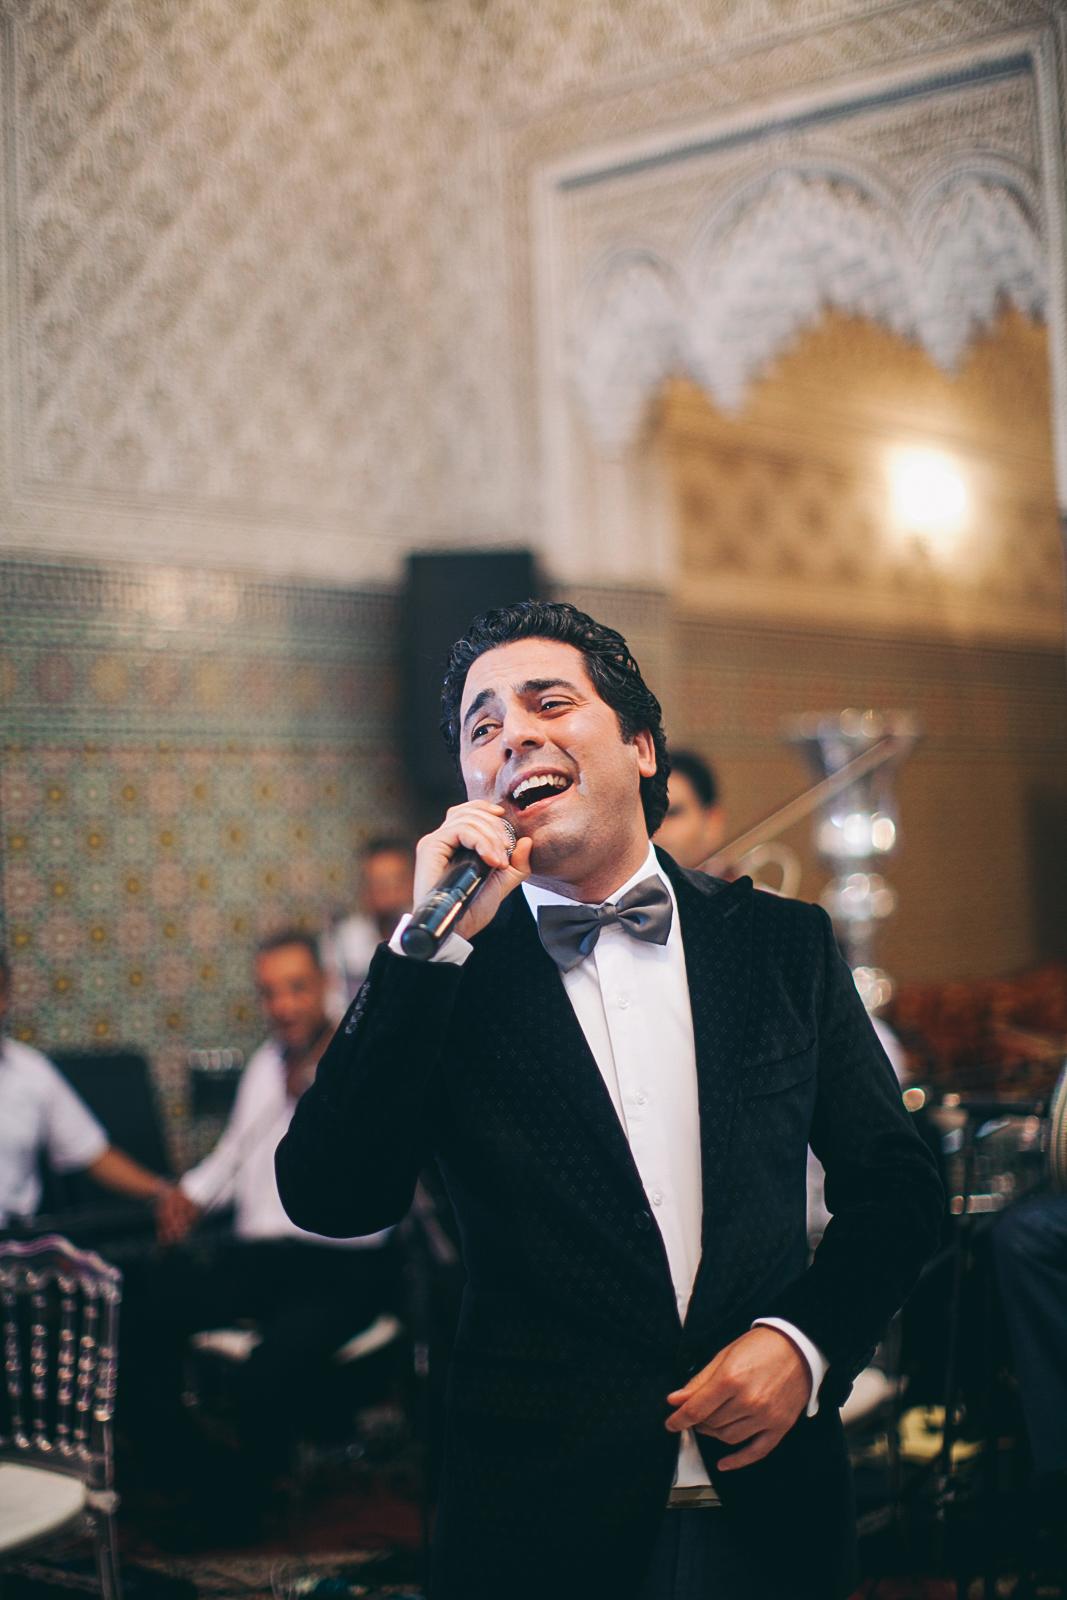 traditional_moroccan_wedding_photographry_casablanca_morocco_houda_vivek_ebony_siovhan_bokeh_photography_152.jpg